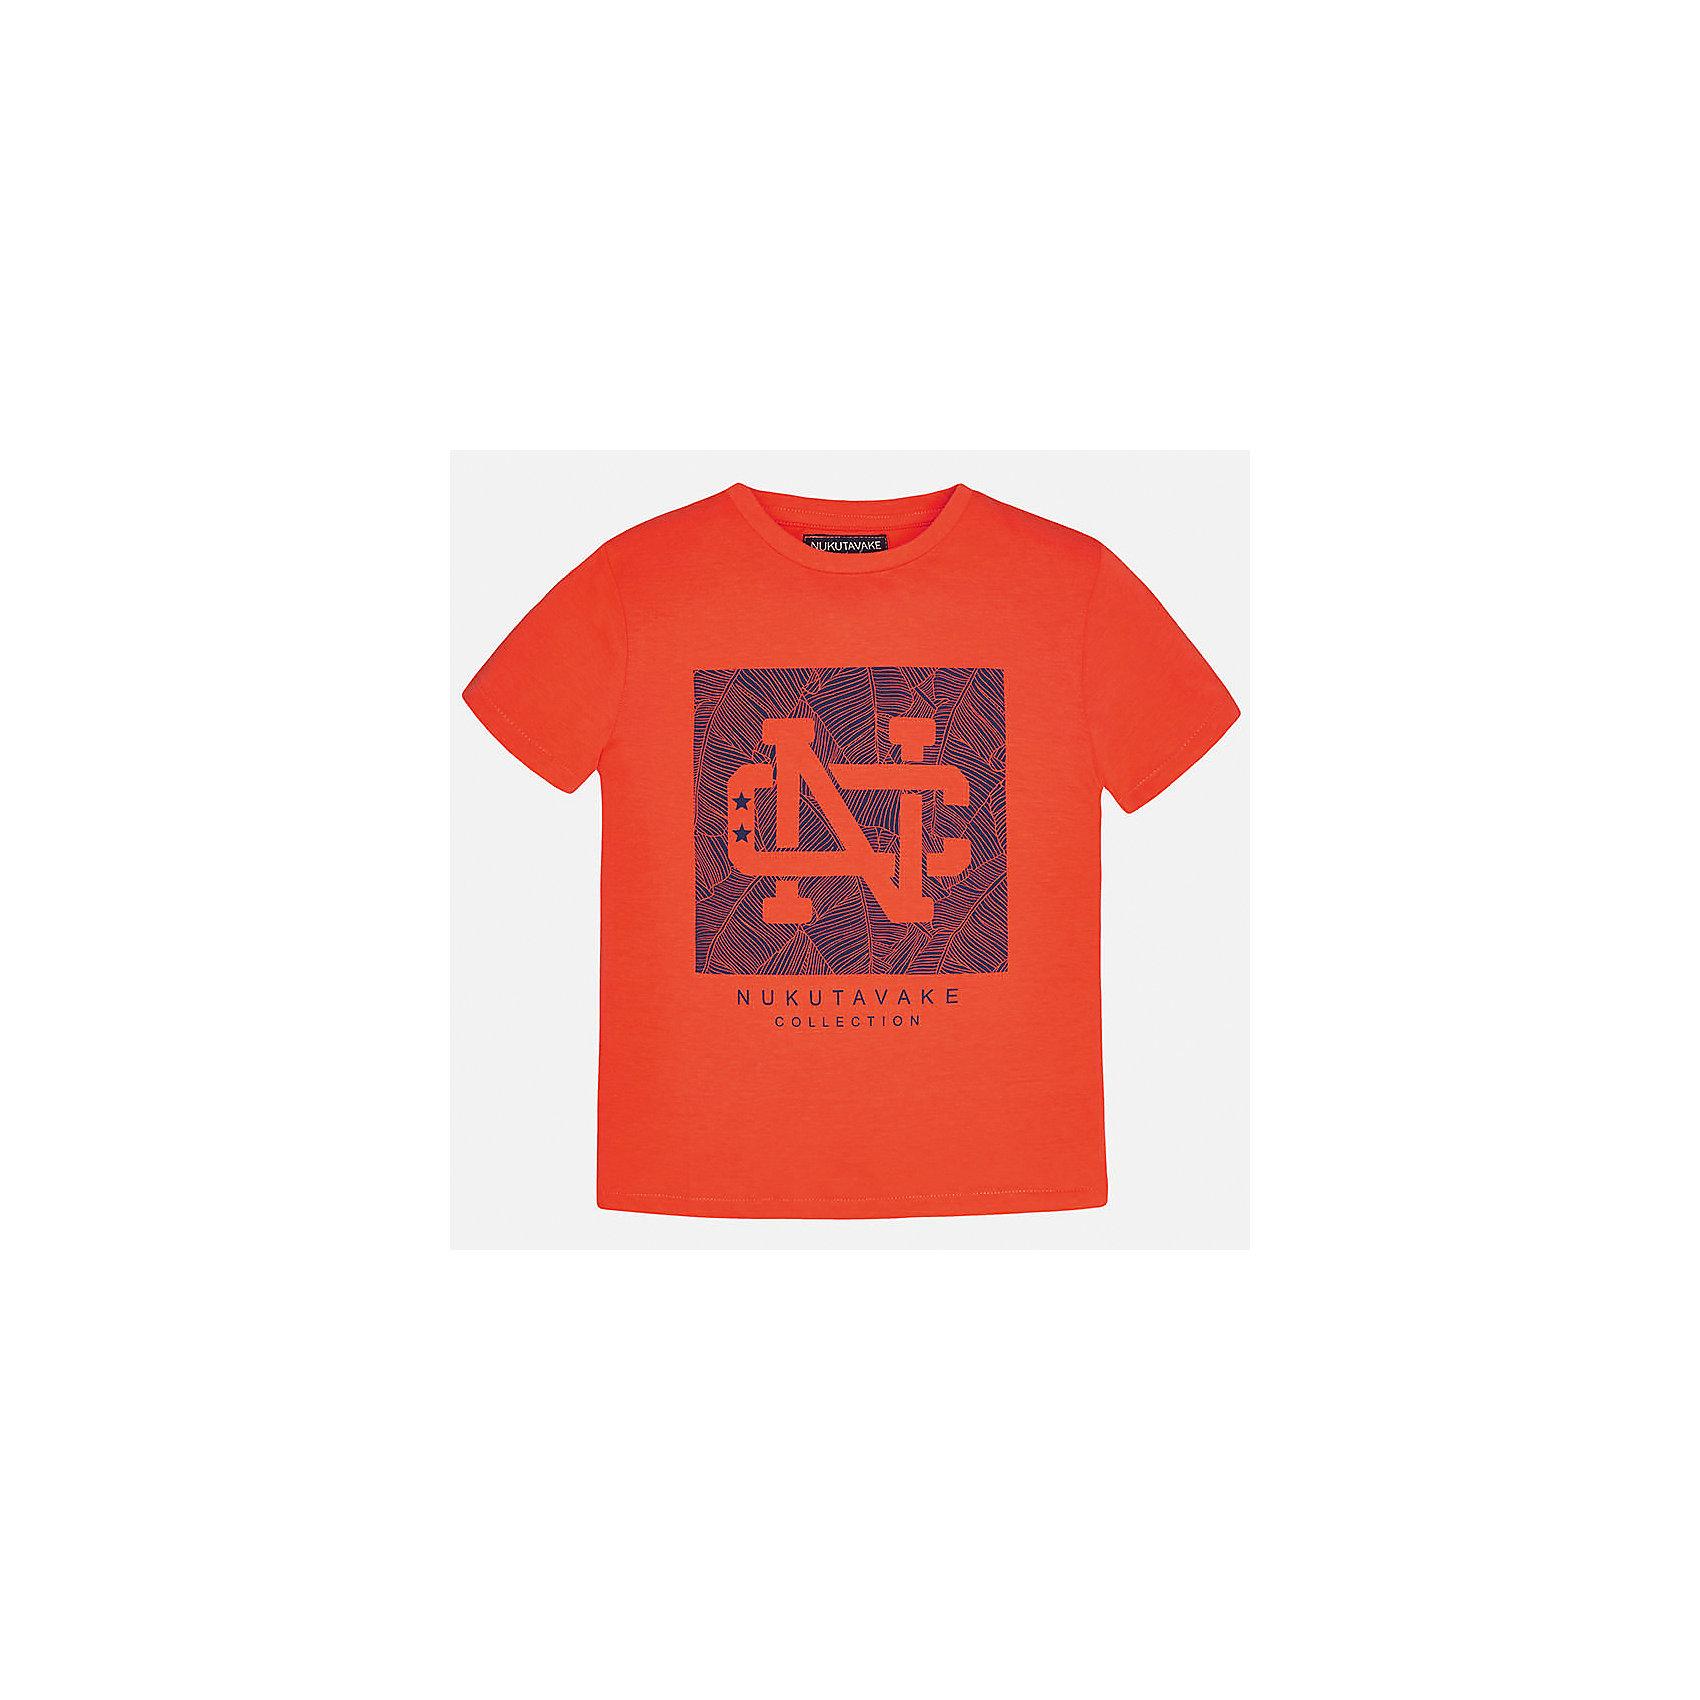 Футболка для мальчика MayoralХарактеристики товара:<br><br>• цвет: красный<br>• состав: 100% хлопок<br>• круглый горловой вырез<br>• декорирована принтом<br>• короткие рукава<br>• отделка горловины<br>• страна бренда: Испания<br><br>Стильная удобная футболка с принтом поможет разнообразить гардероб мальчика. Она отлично сочетается с брюками, шортами, джинсами. Универсальный крой и цвет позволяет подобрать к вещи низ разных расцветок. Практичное и стильное изделие! Хорошо смотрится и комфортно сидит на детях. В составе материала - натуральный хлопок, гипоаллергенный, приятный на ощупь, дышащий. <br><br>Одежда, обувь и аксессуары от испанского бренда Mayoral полюбились детям и взрослым по всему миру. Модели этой марки - стильные и удобные. Для их производства используются только безопасные, качественные материалы и фурнитура. Порадуйте ребенка модными и красивыми вещами от Mayoral! <br><br>Футболку для мальчика от испанского бренда Mayoral (Майорал) можно купить в нашем интернет-магазине.<br><br>Ширина мм: 199<br>Глубина мм: 10<br>Высота мм: 161<br>Вес г: 151<br>Цвет: красный<br>Возраст от месяцев: 156<br>Возраст до месяцев: 168<br>Пол: Мужской<br>Возраст: Детский<br>Размер: 170,164,158,152,140,128/134<br>SKU: 5278265